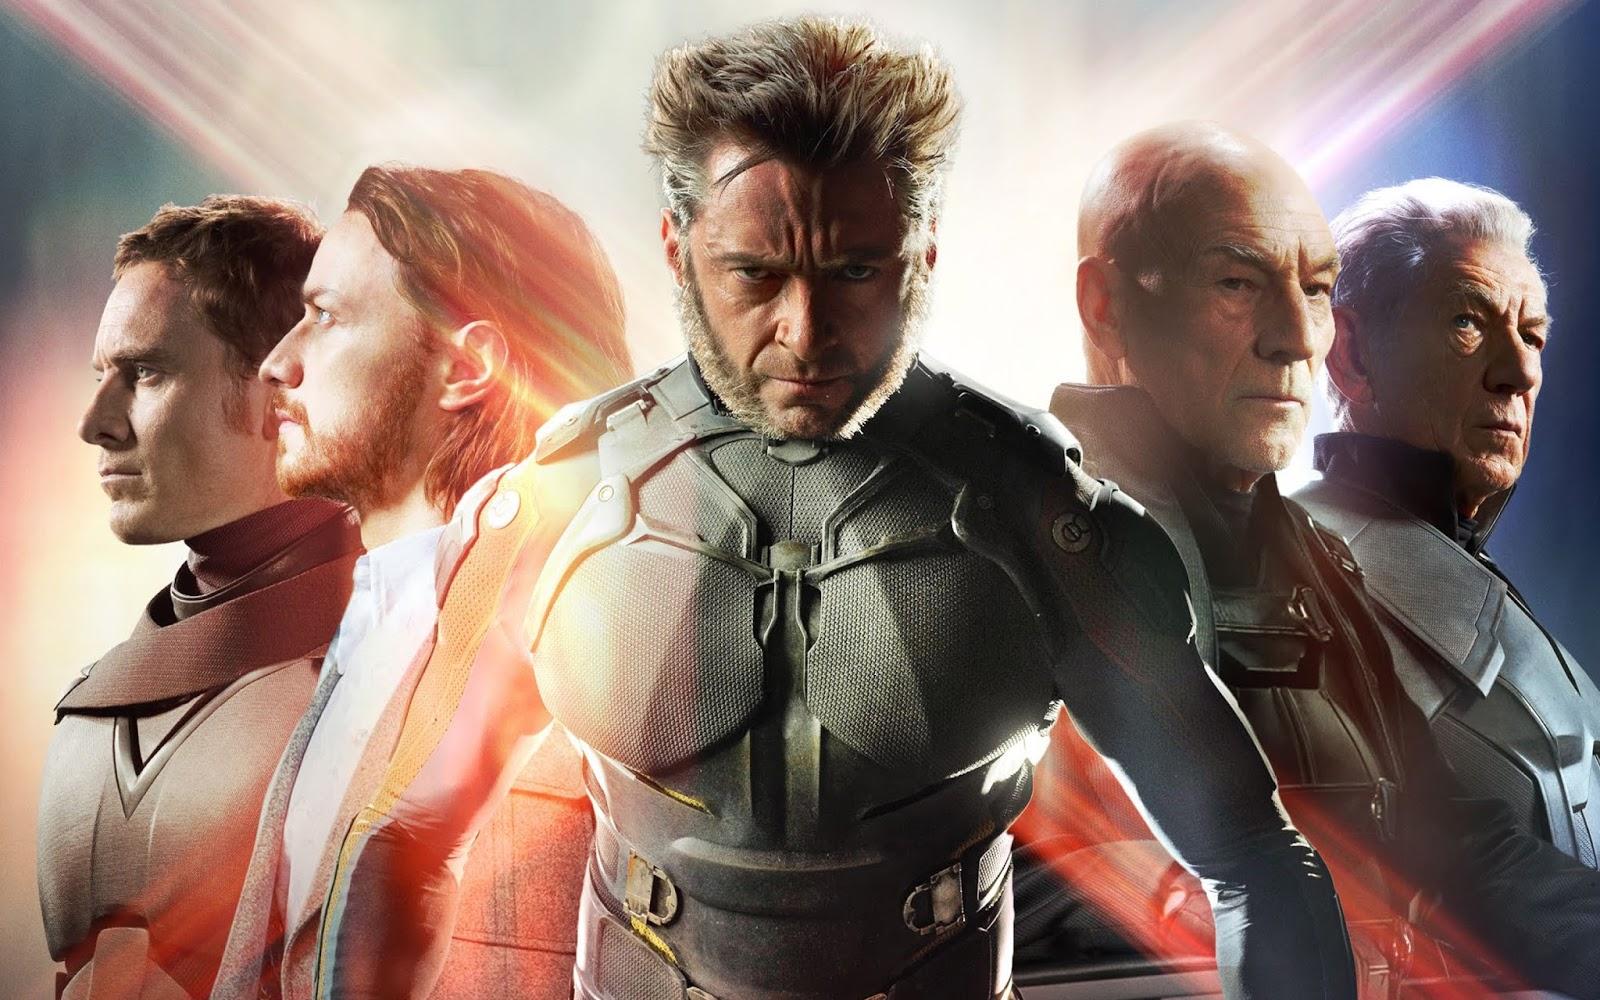 X-Men DOFP Hugh Jackman Michael Fassbender James McAvoy Patrick Stewart Ian McKellen